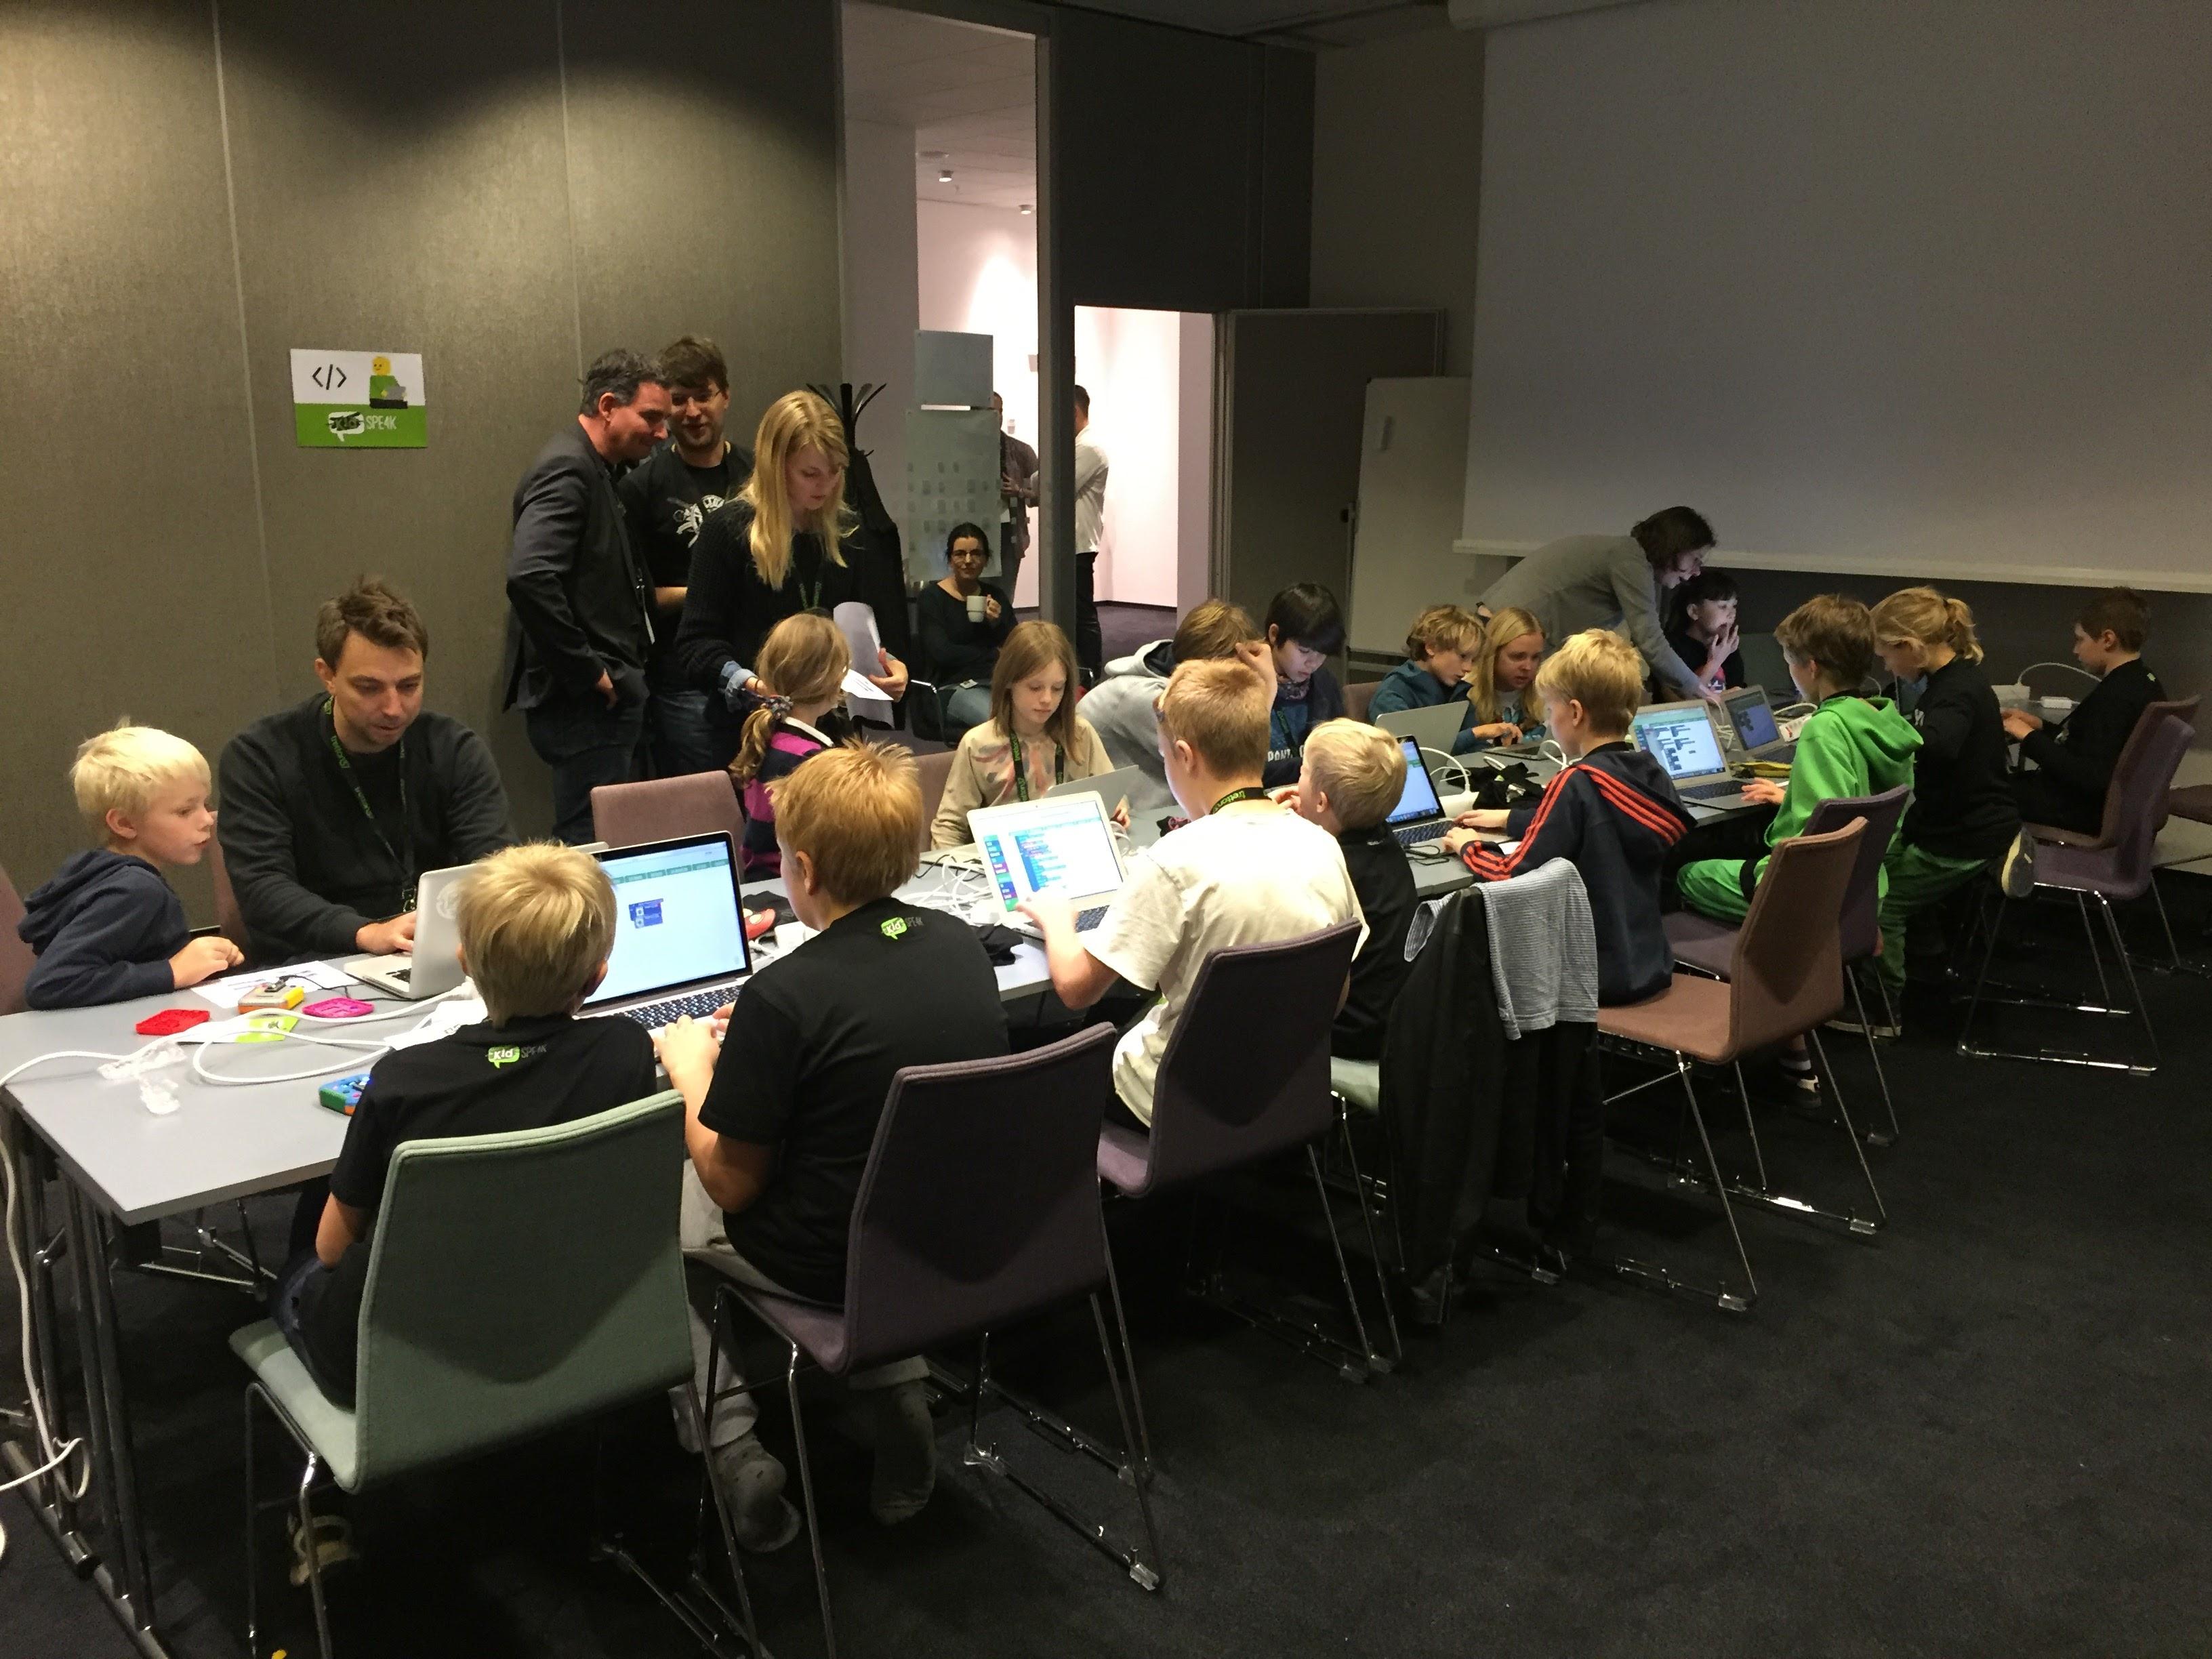 KidSpeak in Lund